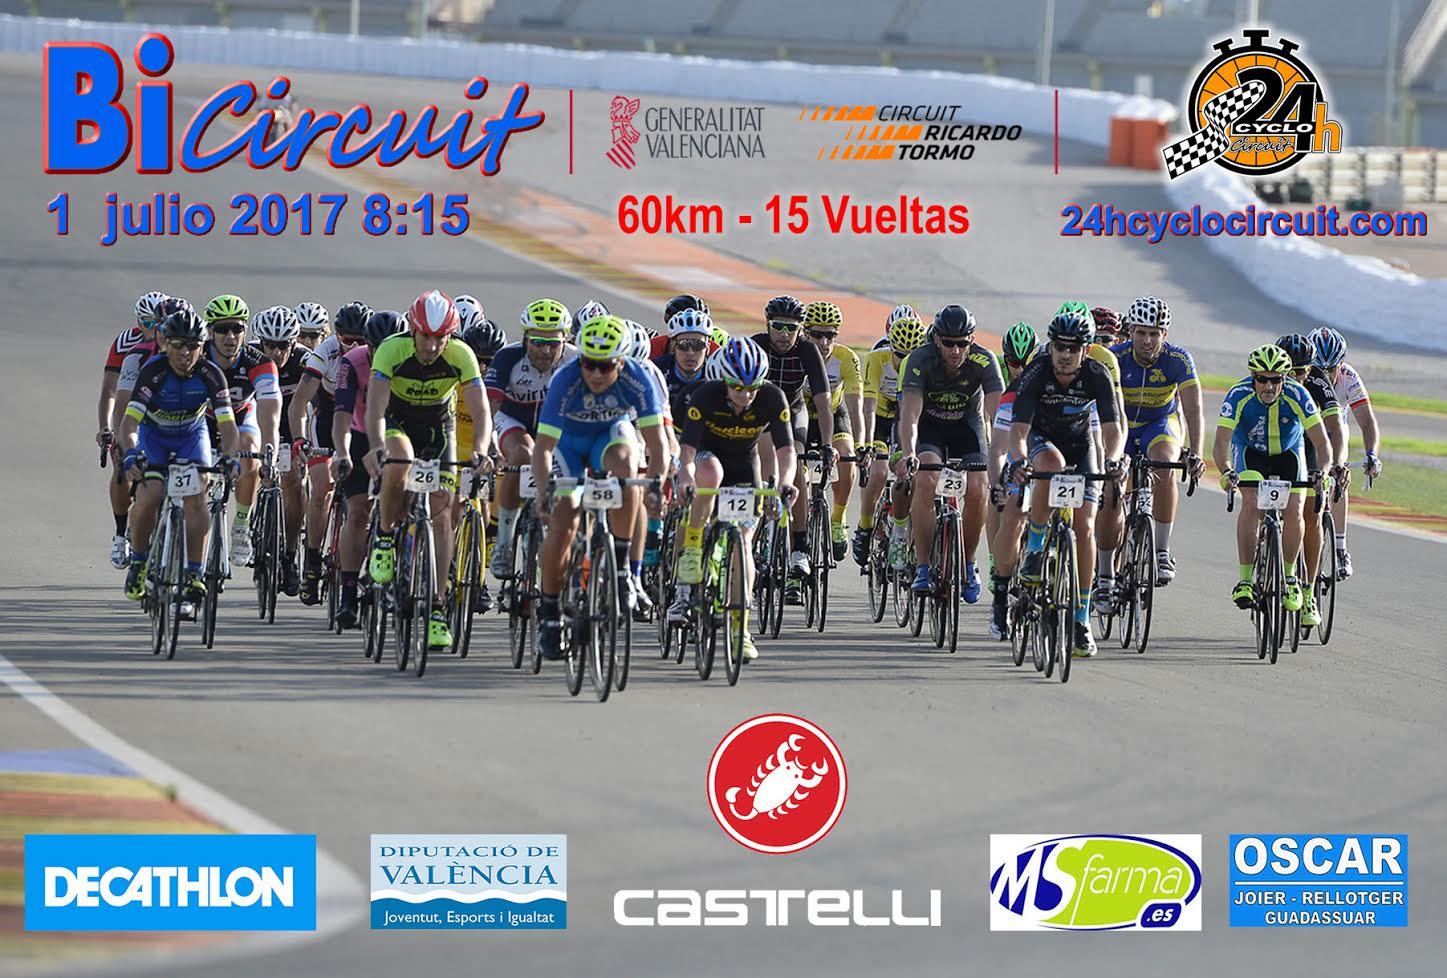 Circuito Cheste : Bicircuit la marcha ciclodeportiva del circuito de cheste ciclo